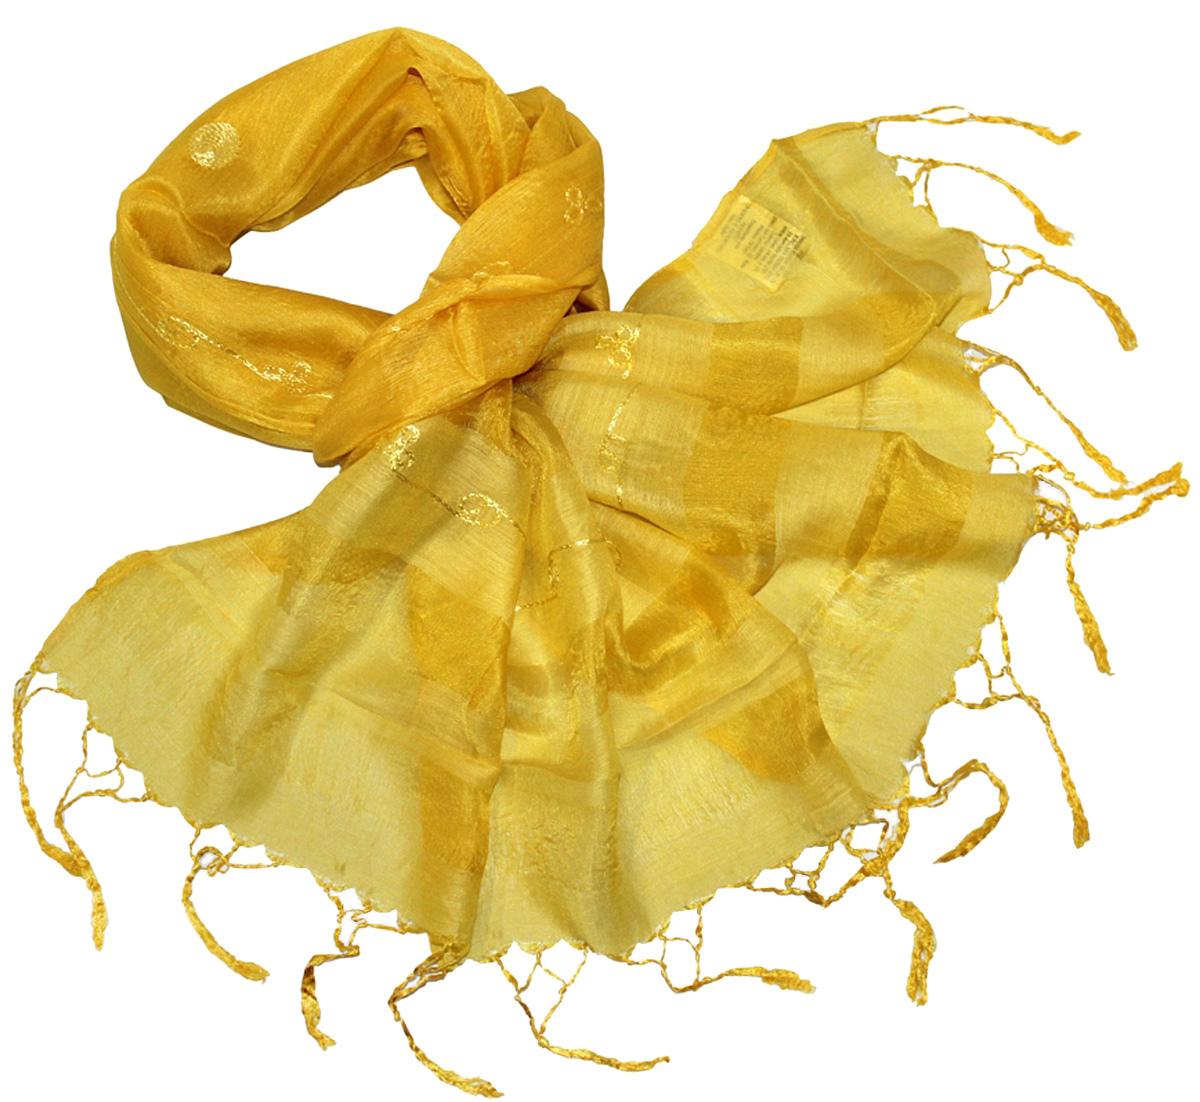 Шарф916225Женский шарф Ethnica, изготовленный из 100% шелка, подчеркнет вашу индивидуальность. Благодаря своему составу, он легкий, мягкий и приятный на ощупь. Изделие оформлено оригинальным орнаментом. Такой аксессуар станет стильным дополнением к гардеробу современной женщины.